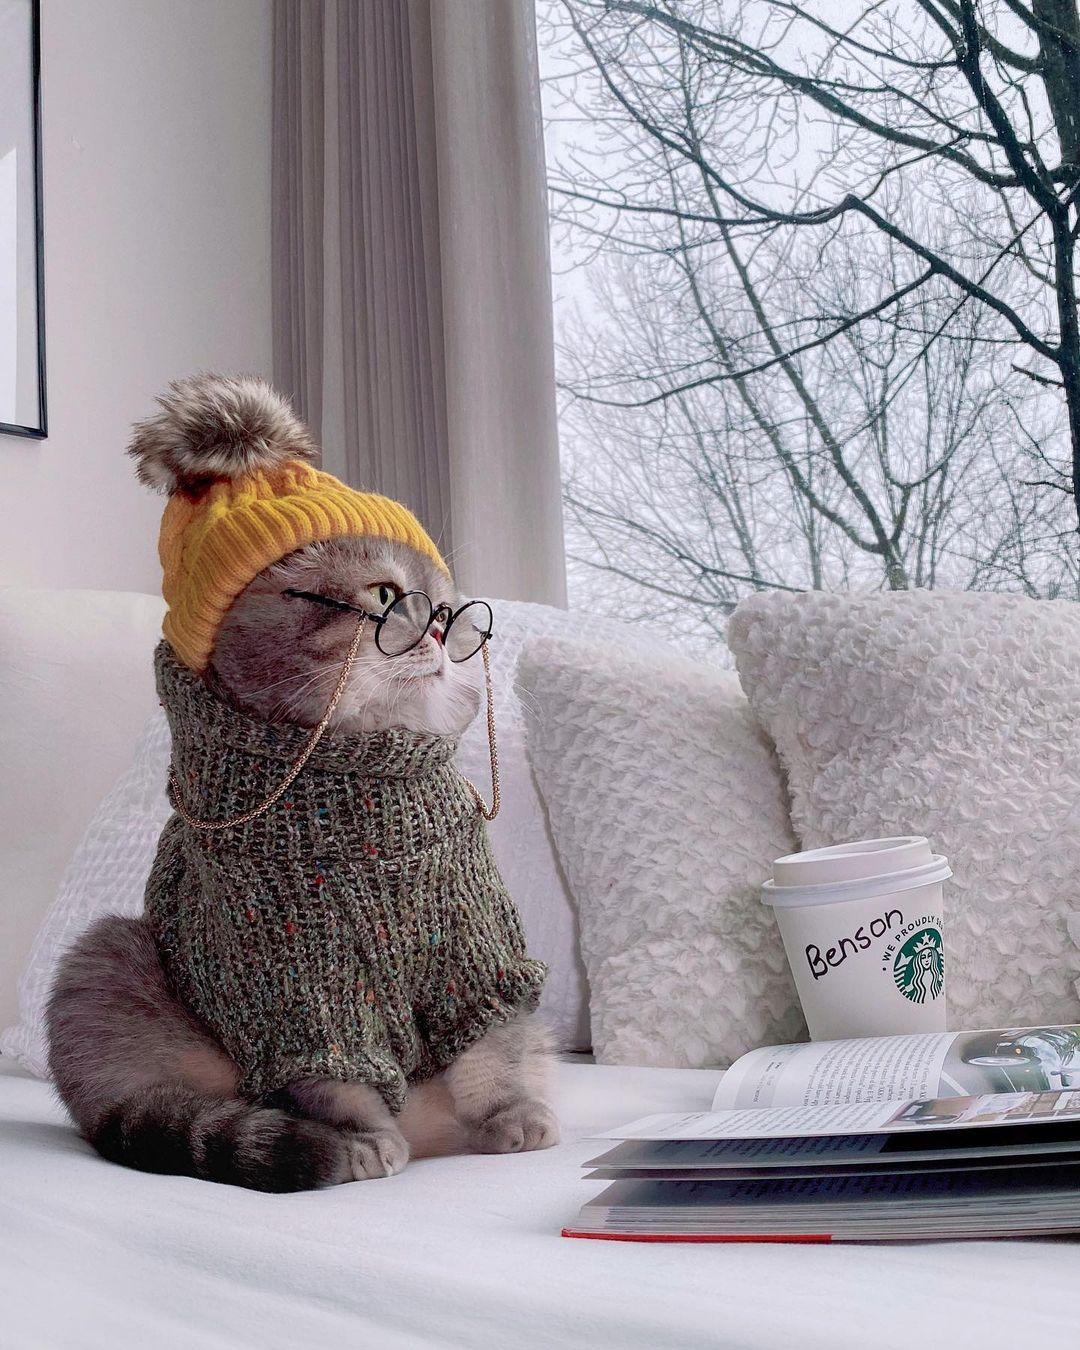 Benson giản dị và sang chảnh với combo đồ len mặc ở nhà, thư giãn bằng thú vui đọc sách và ngắm cảnh.